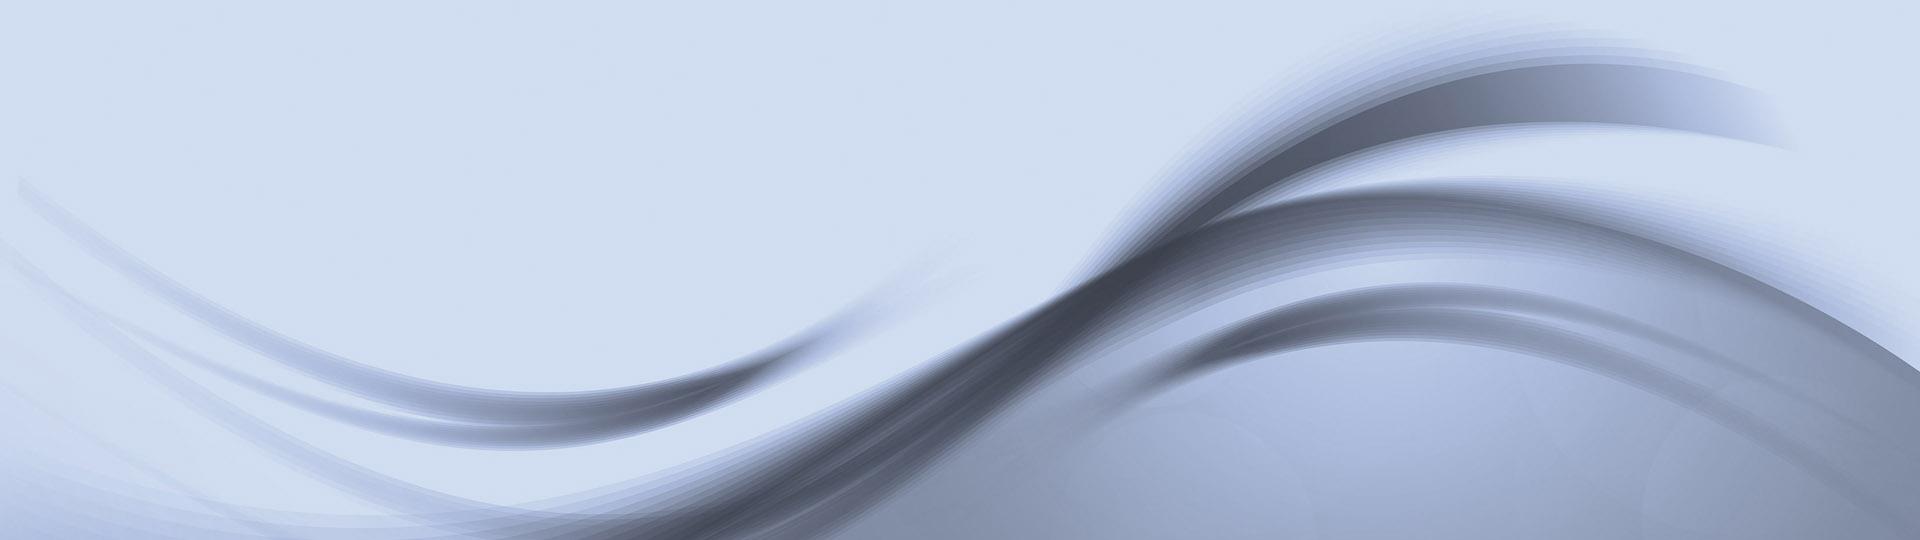 Hintergrund1